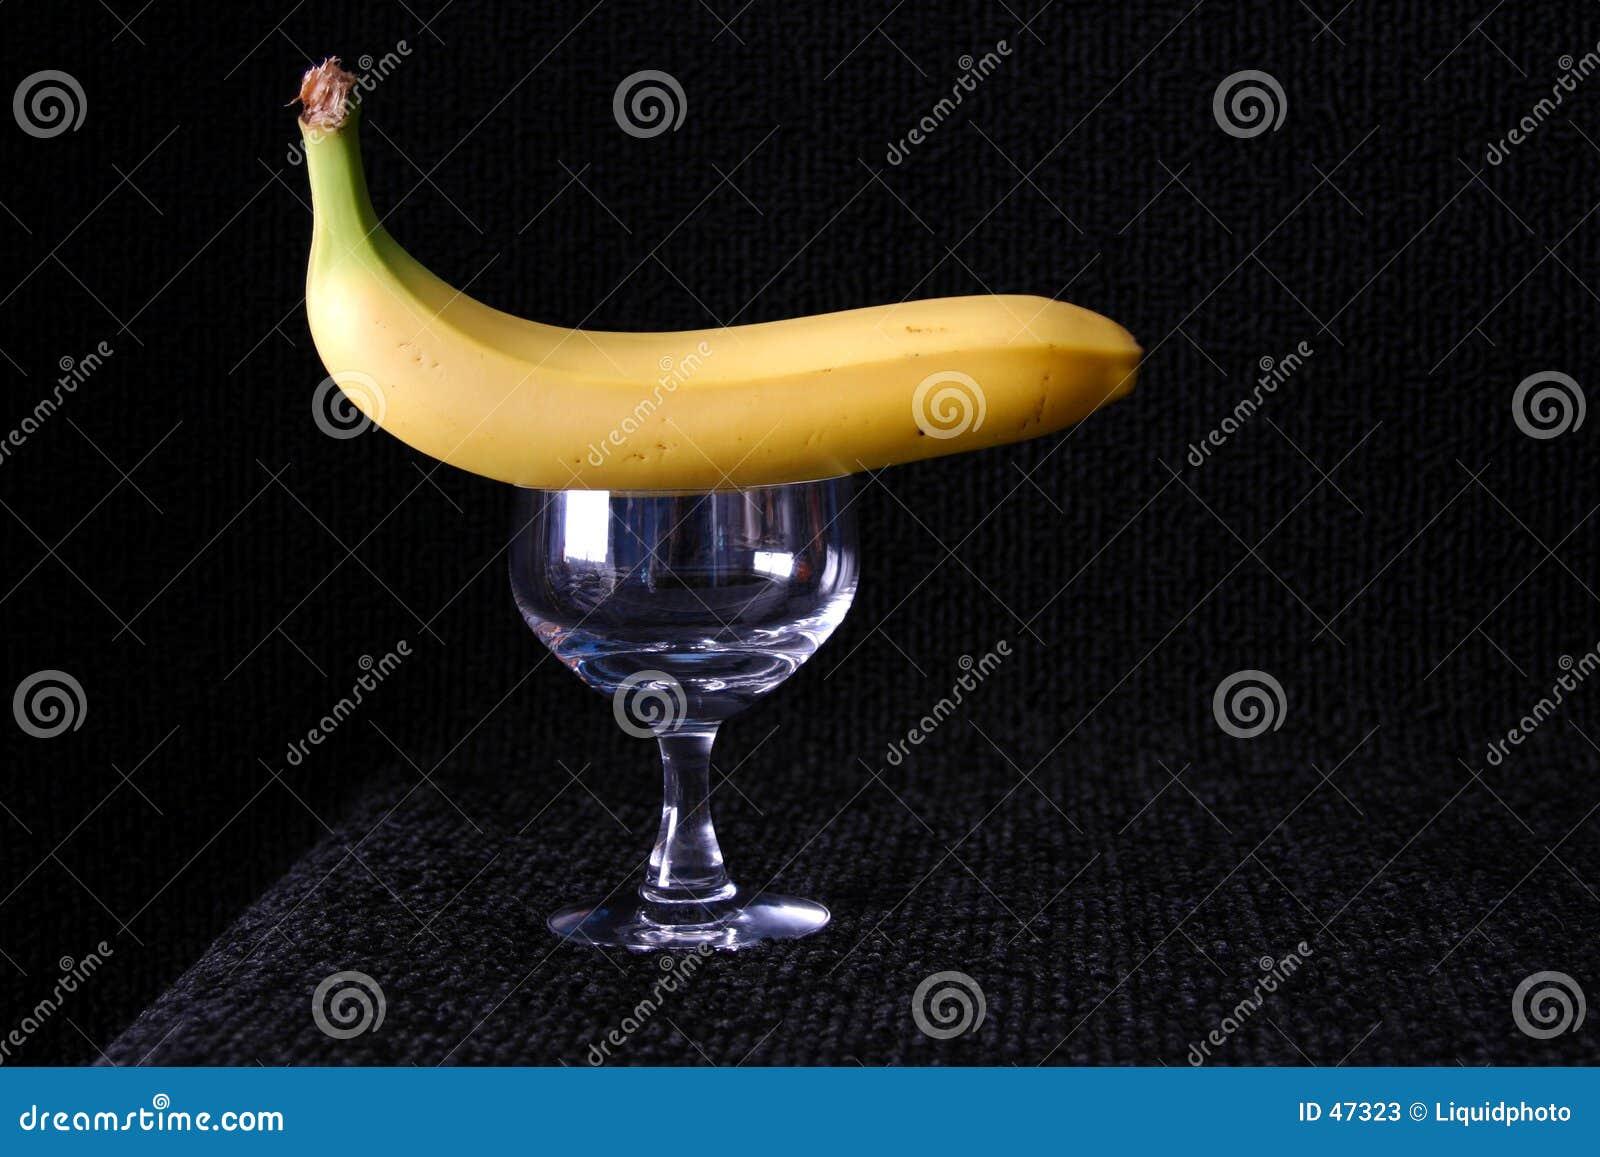 Banana on Top